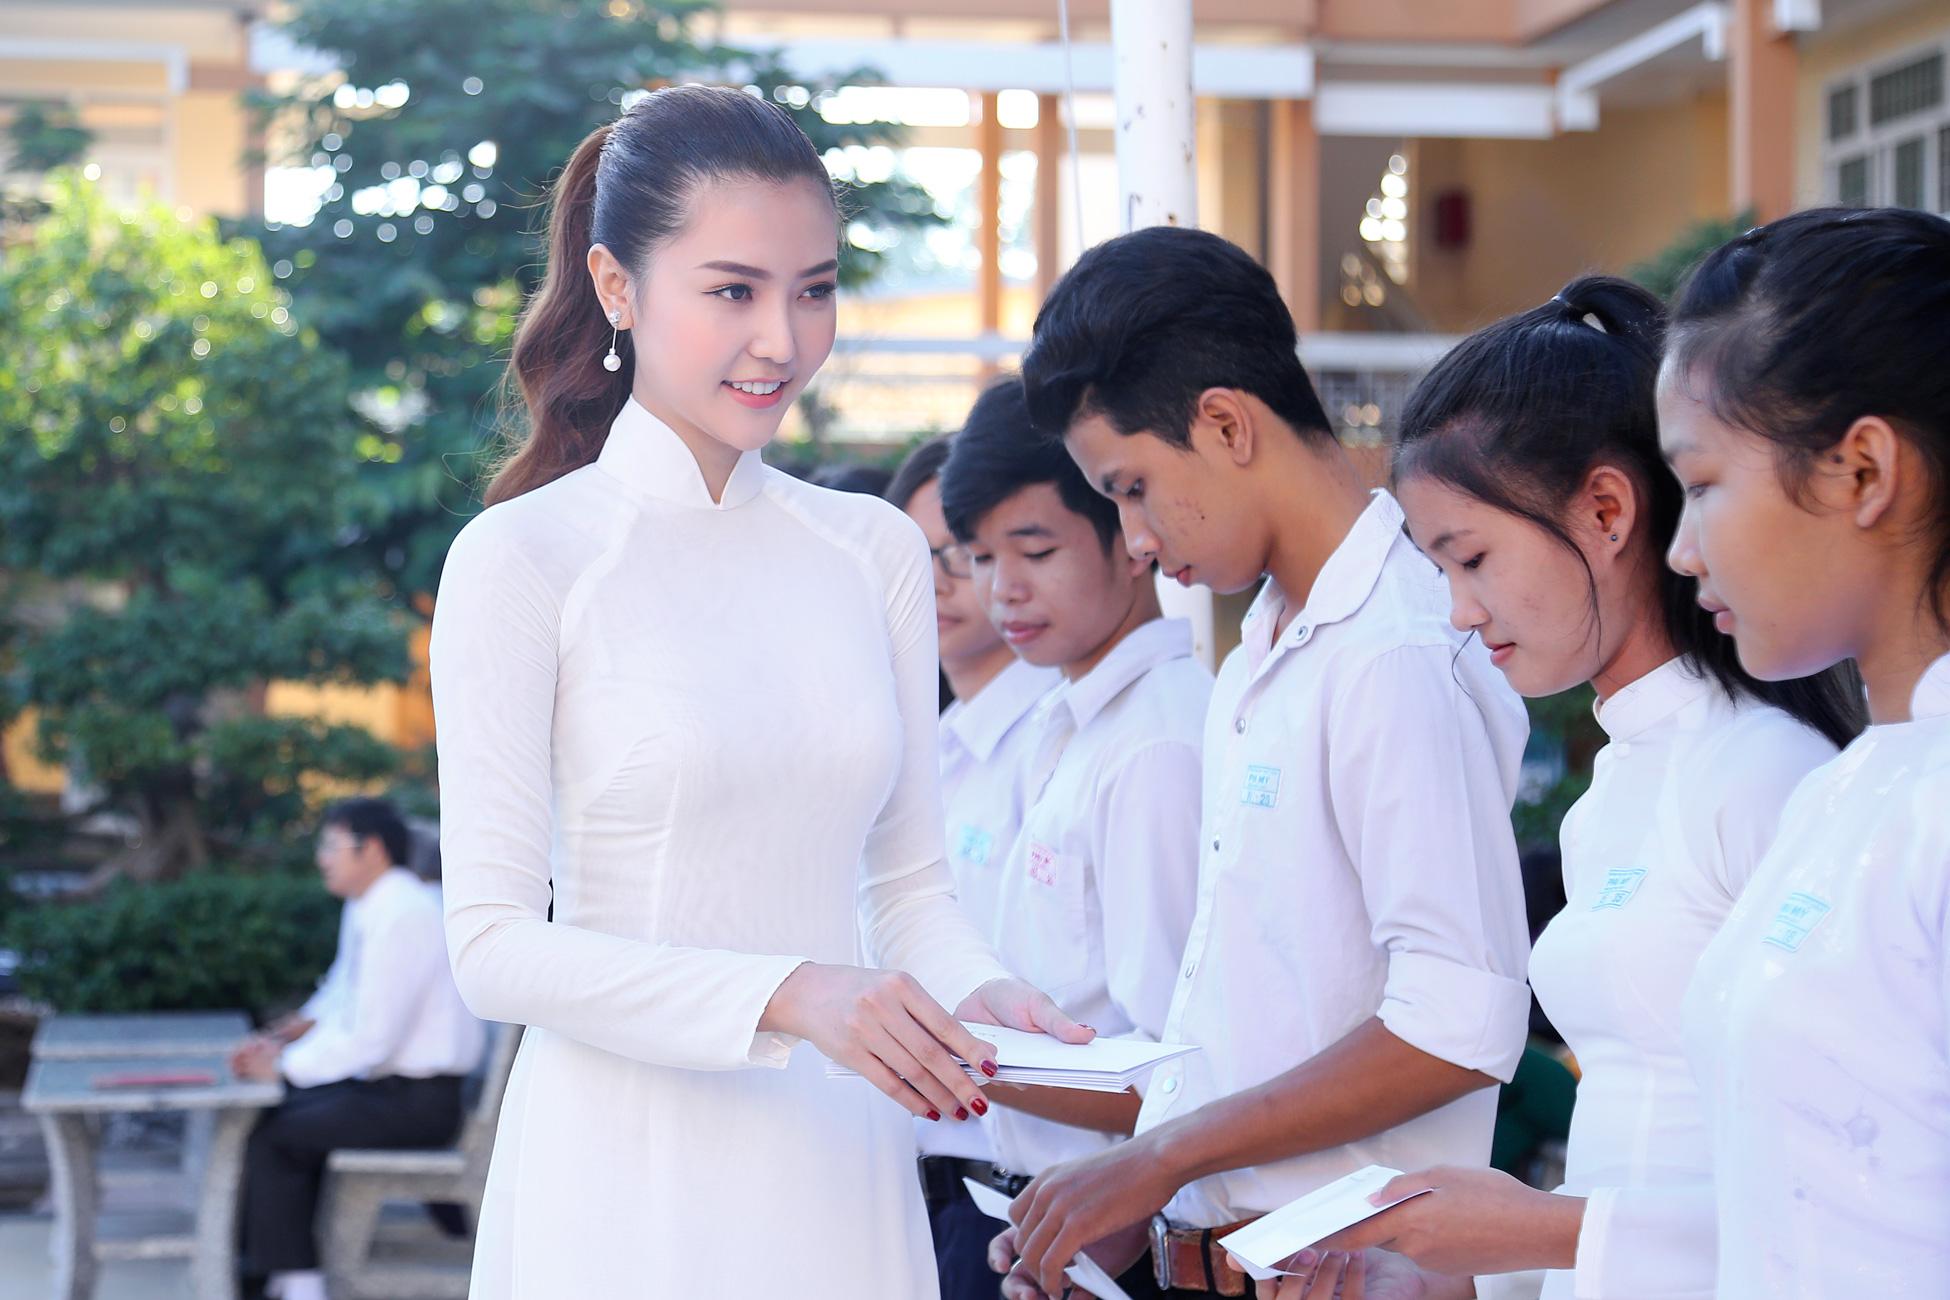 'Nữ hoàng sắc đẹp toàn cầu' Ngọc Duyên dịu dàng trong tà áo dài về thăm trường